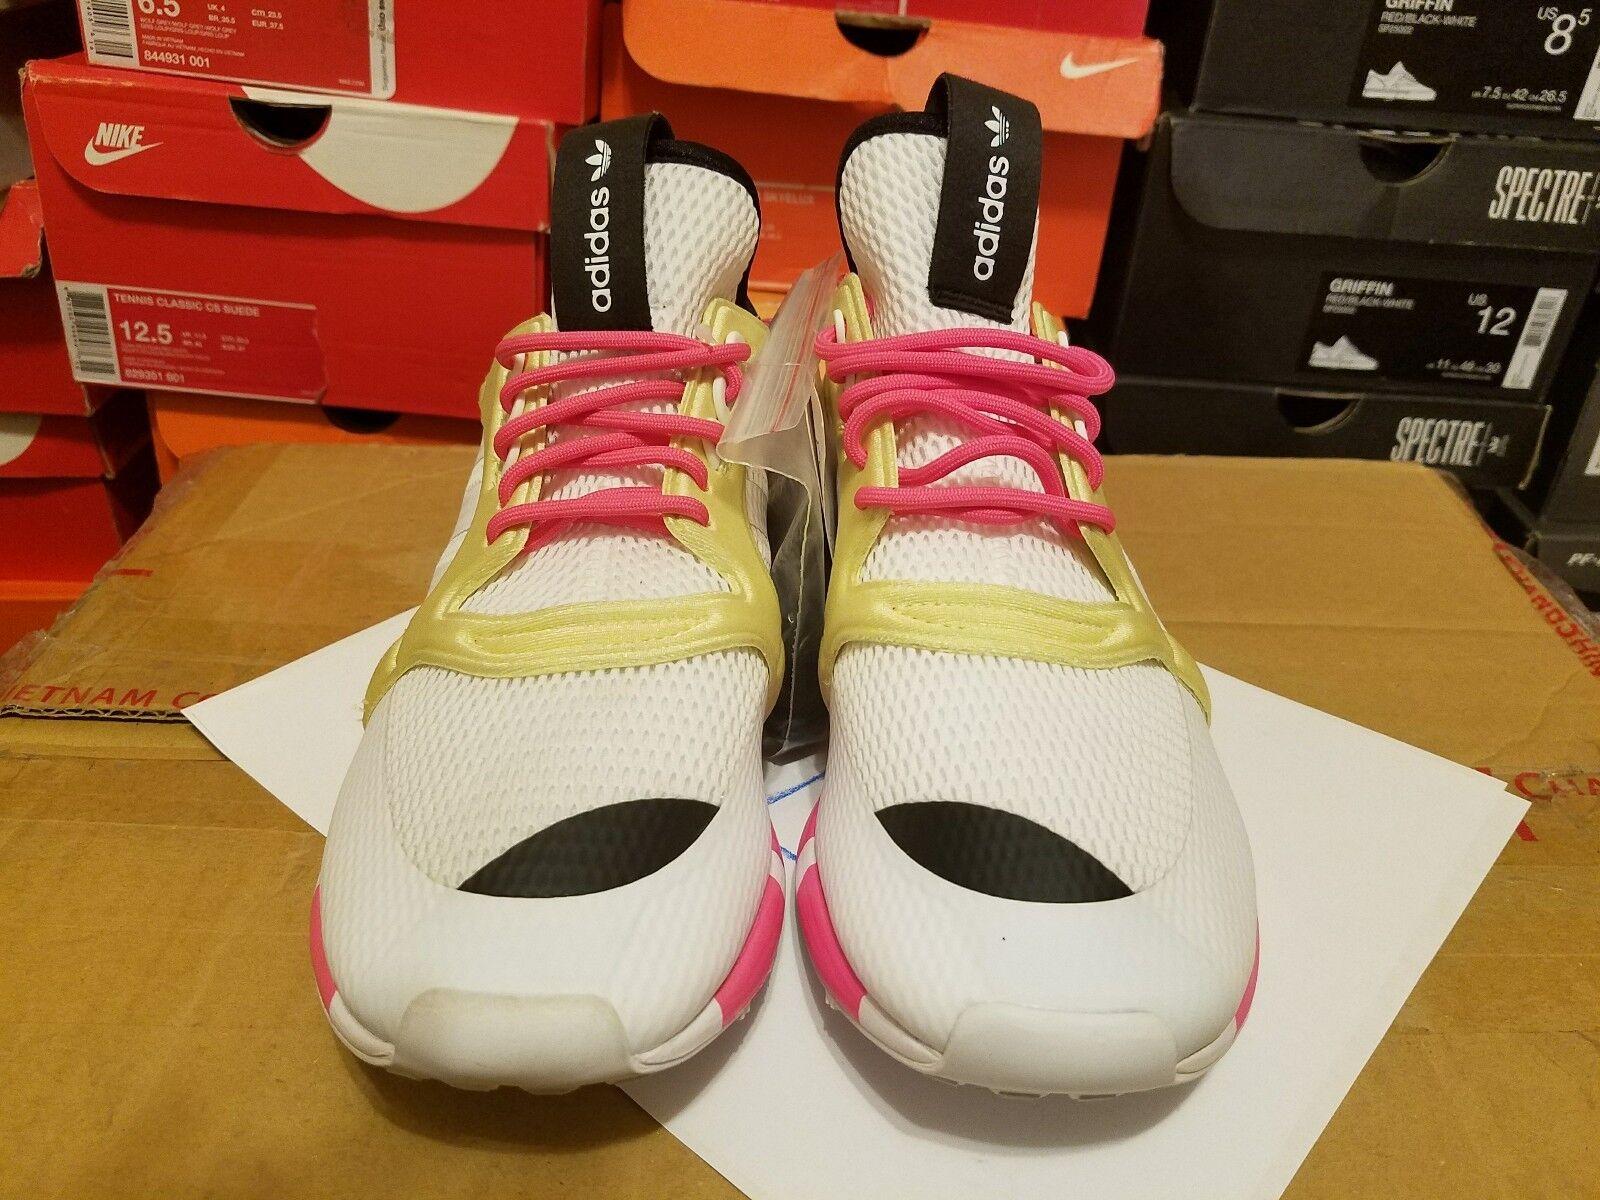 neue adidas / originals boston super cc trainer b25844 weiße / adidas pink und gelb da6026